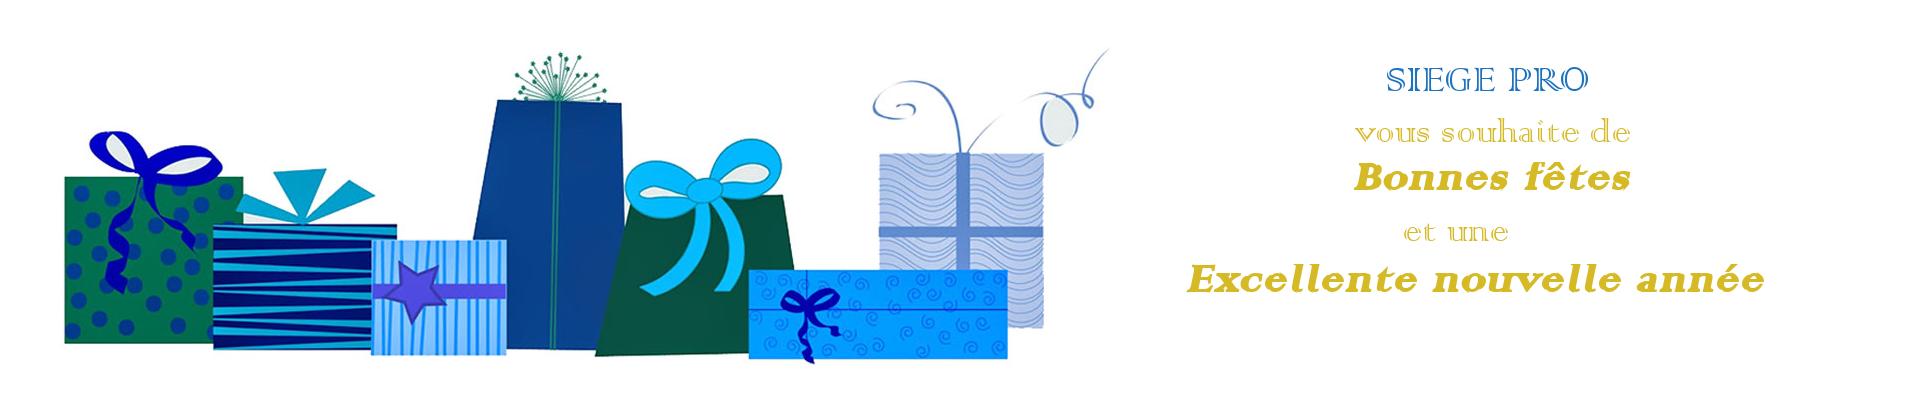 Bonnes fêtes de fin d'année de siegepro.com